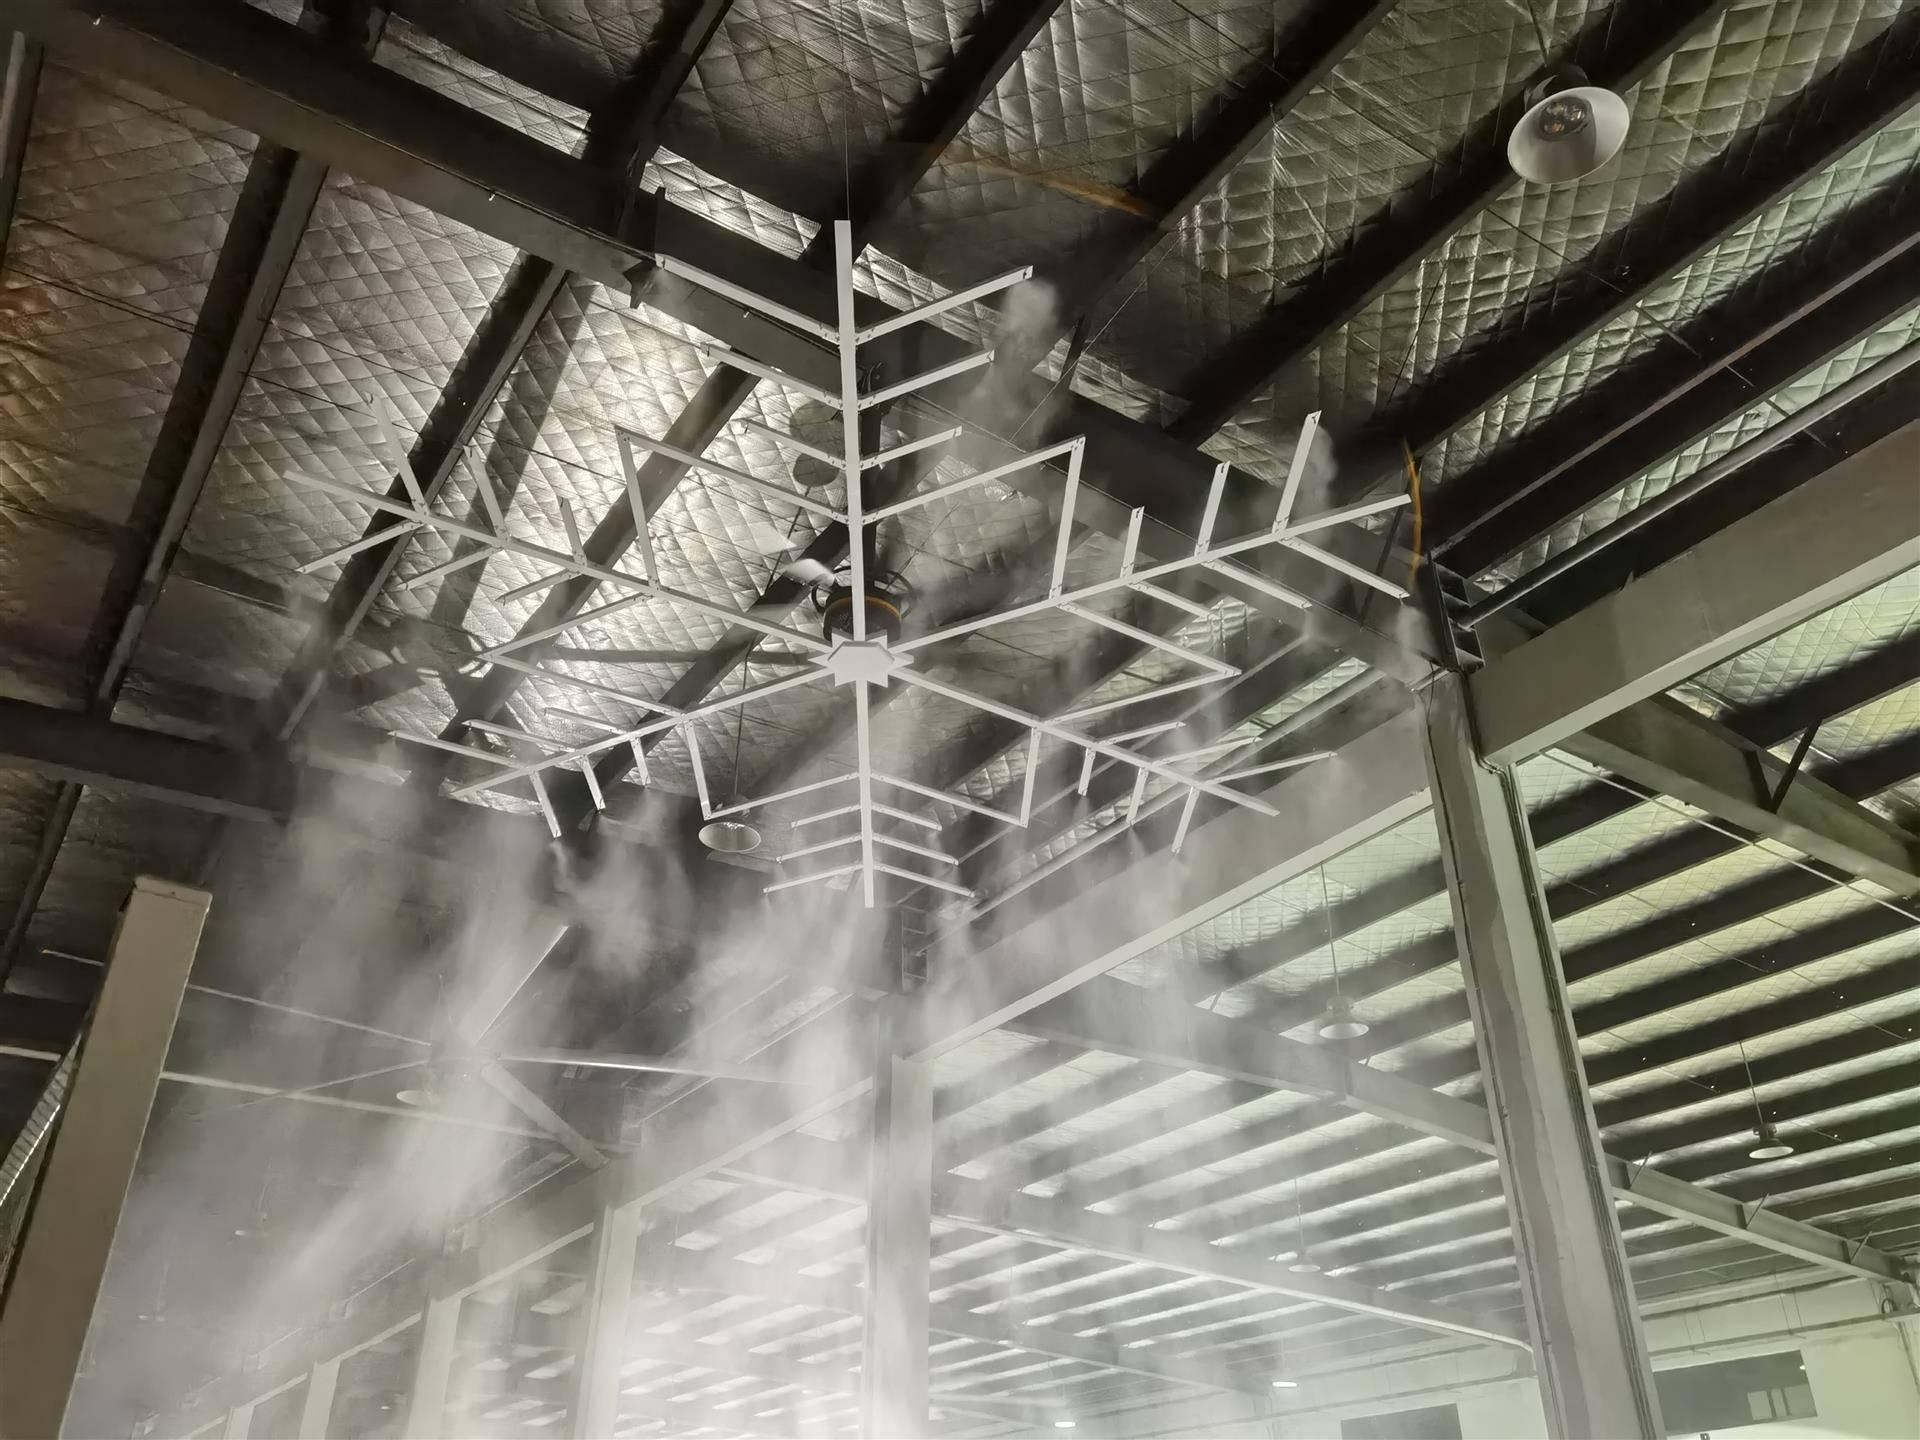 一款兼具降温和消杀功能的电扇即将投入生产,解困高大空间消杀难题